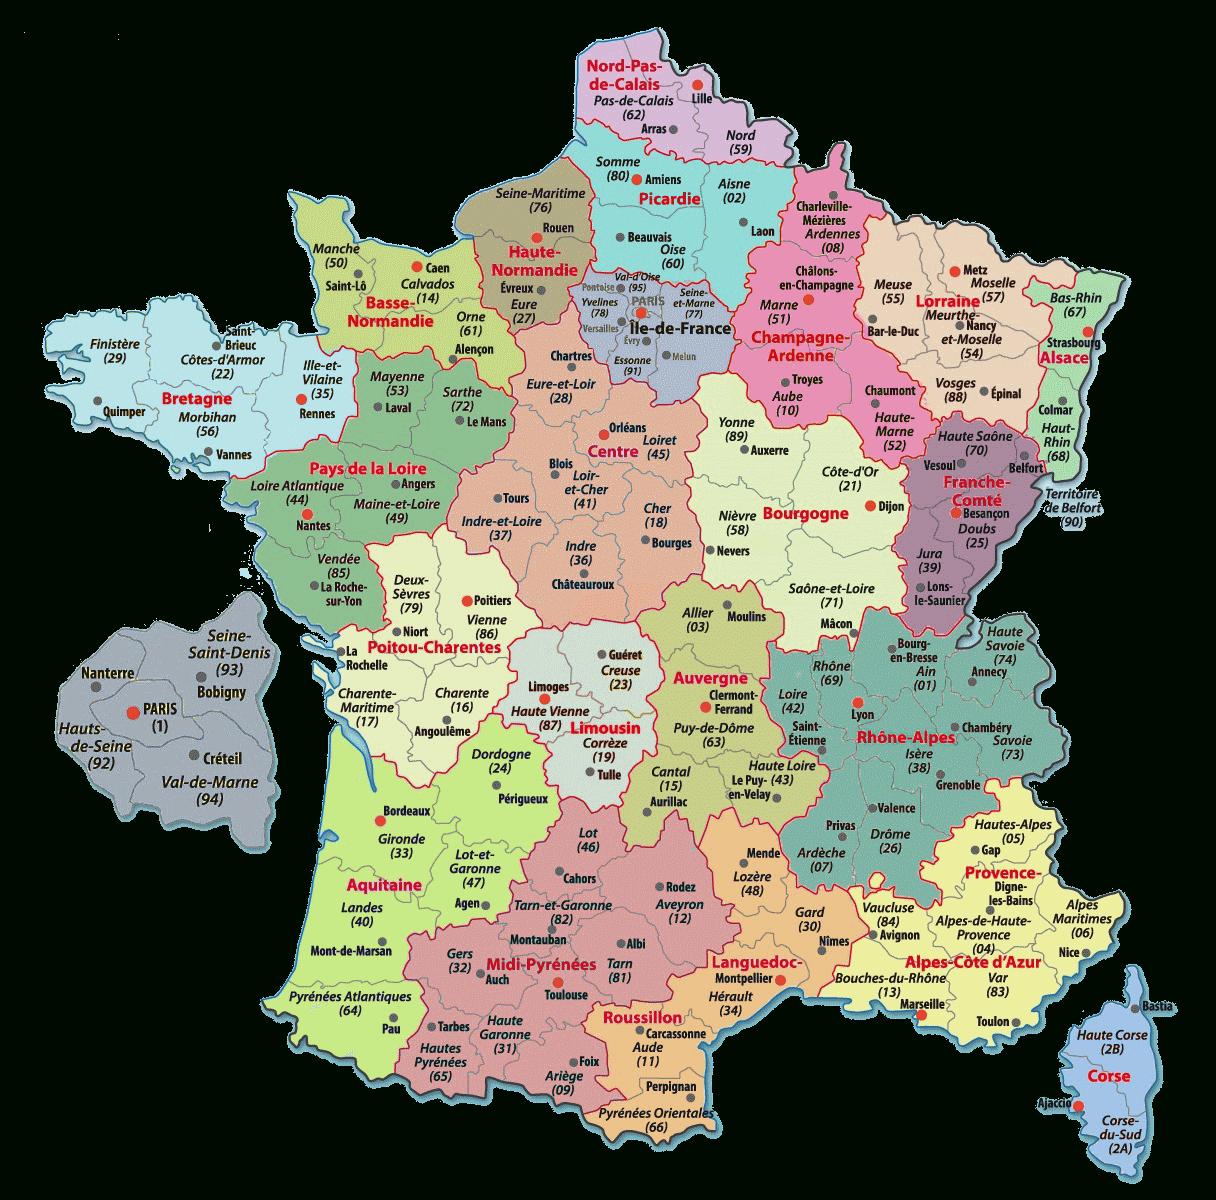 Carte De France Departements : Carte Des Départements De France destiné Carte Des Nouvelles Régions